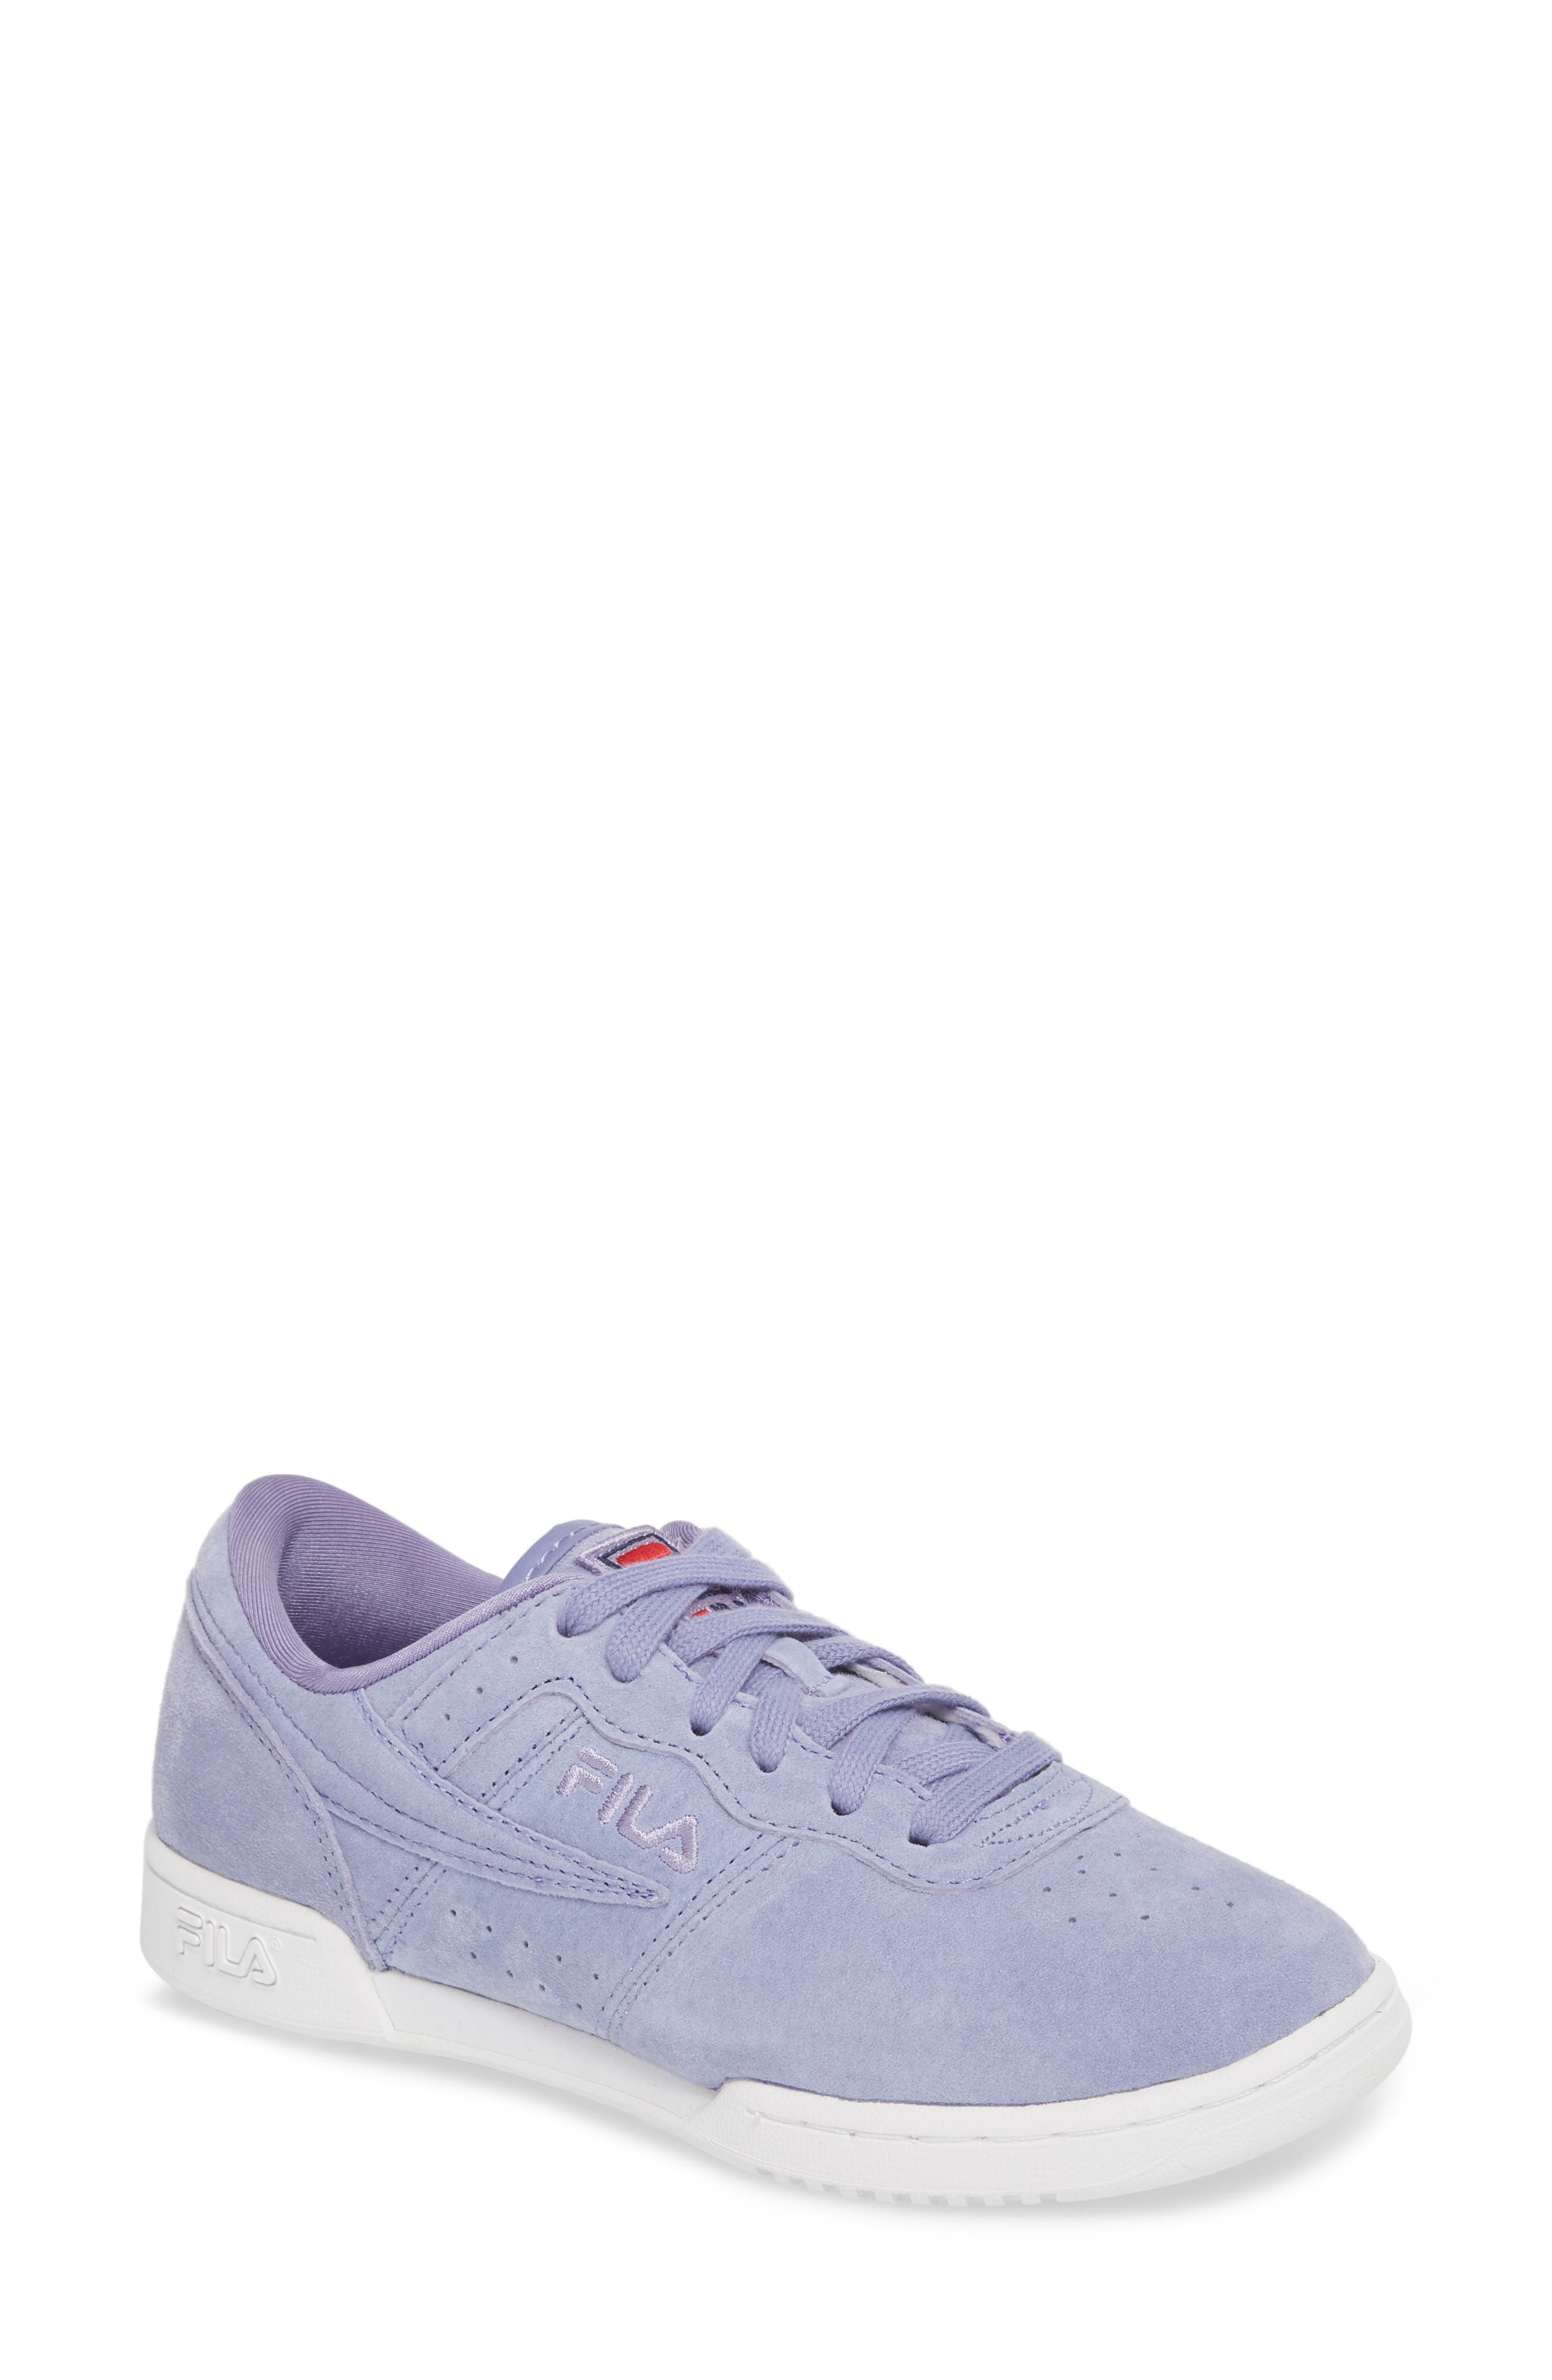 Alternate Image 1 Selected - FILA Original Fitness Premium Sneaker (Women)